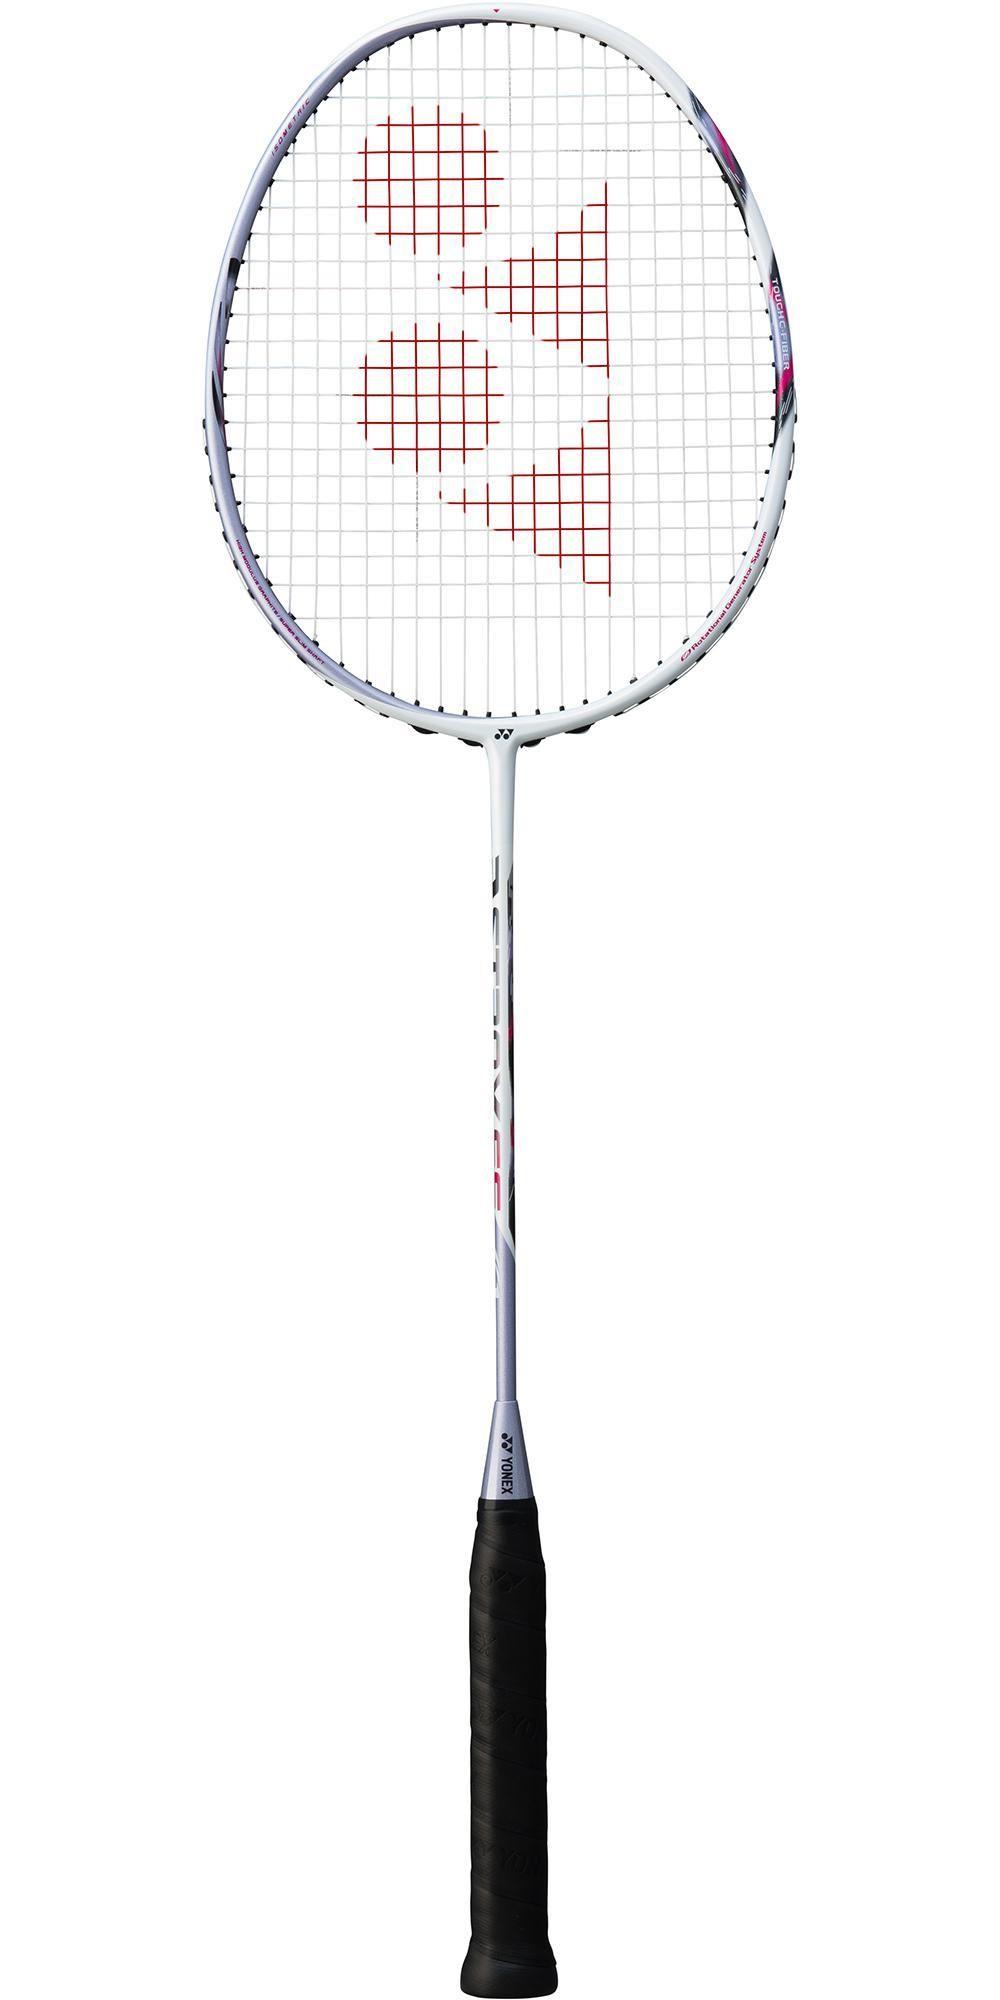 Tennisequipment Tennisballcart Tennisracket Tennisracquet Tennismatch Tennislover Tennistraining Tenn Badminton Badminton Racket Yonex Badminton Racket